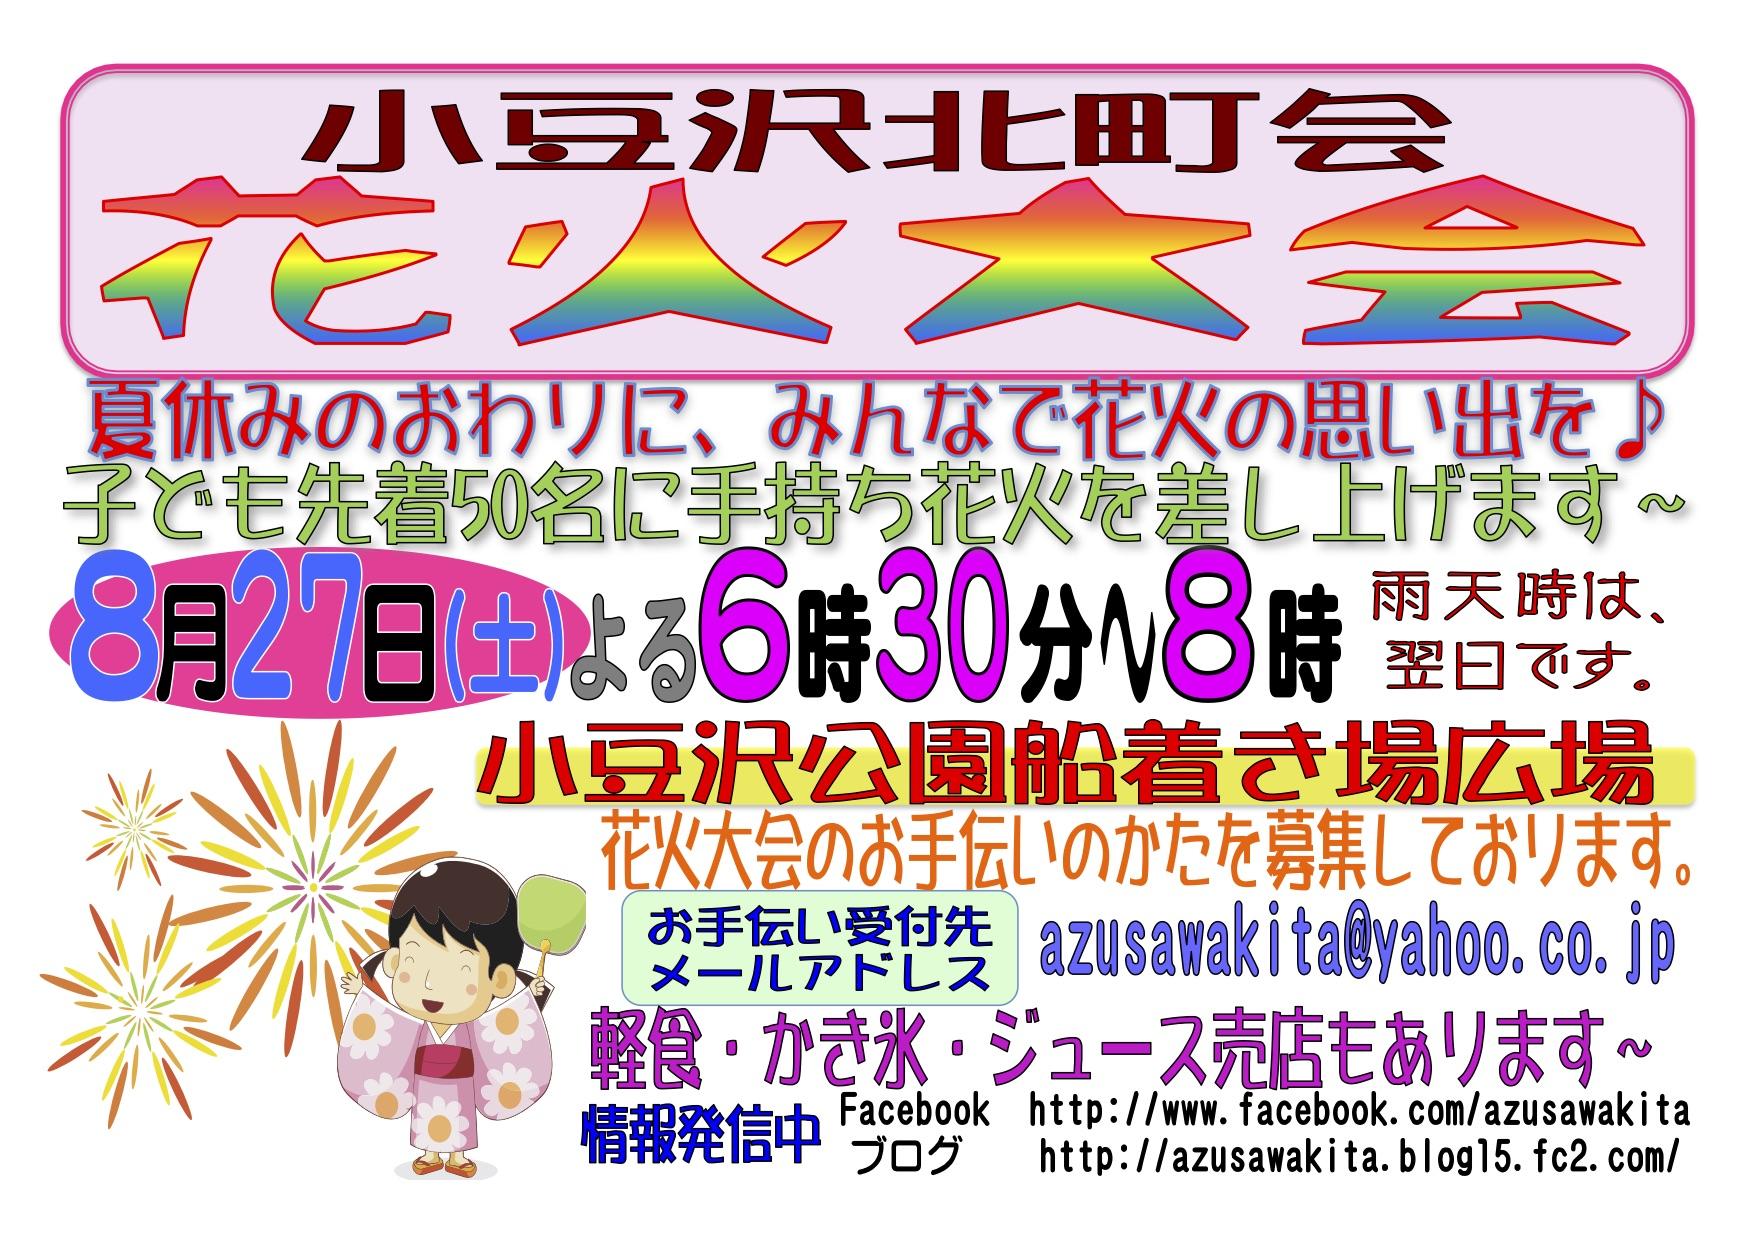 2016年8月27日(土)花火大会